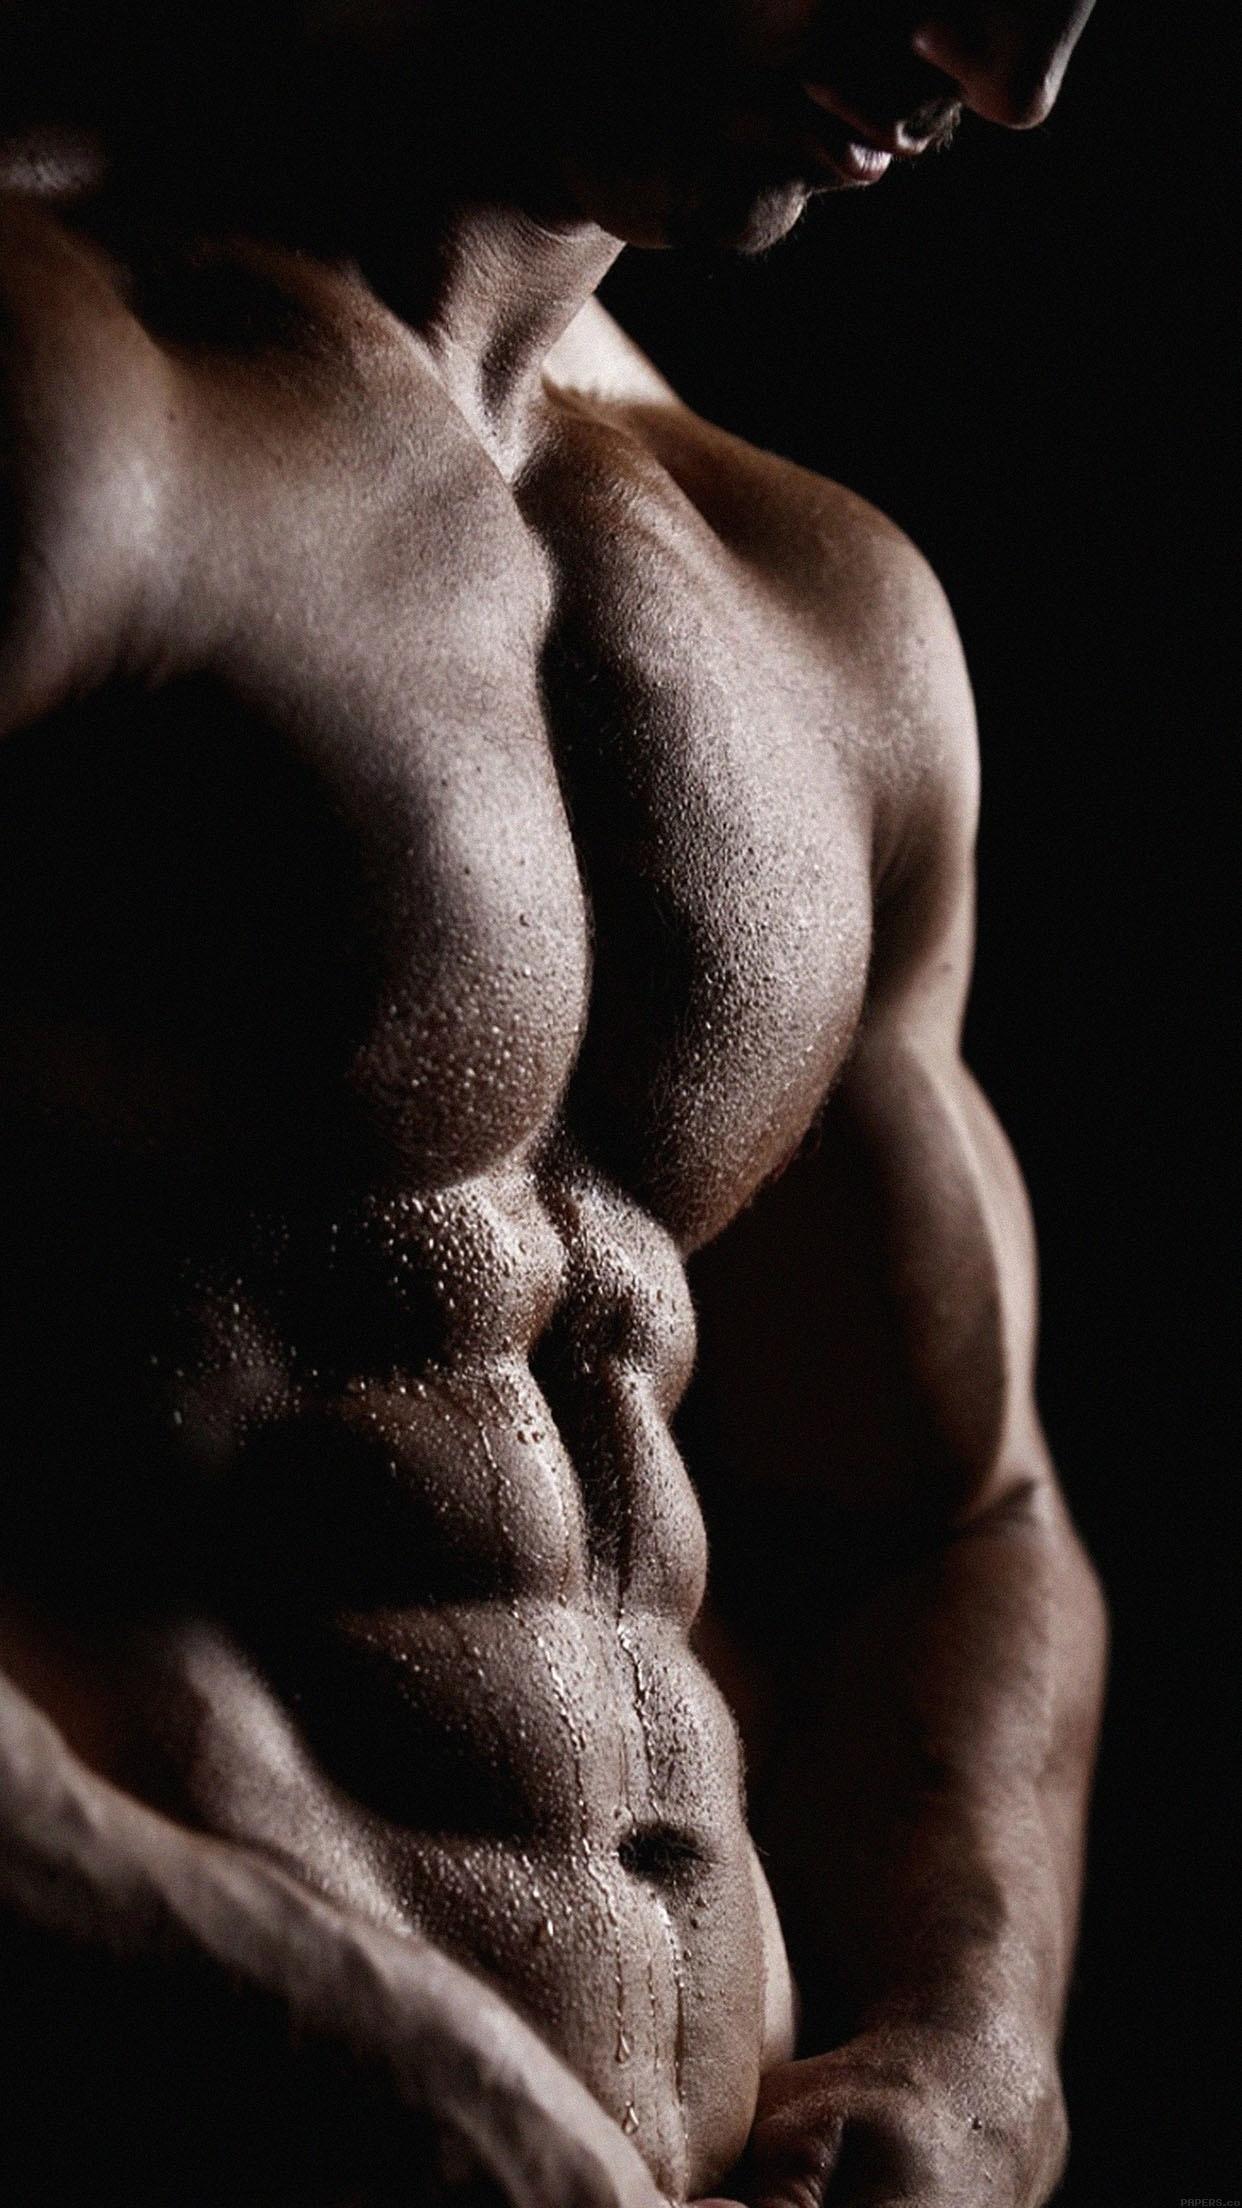 картинки для мужчины вертикальные тренировках пахать